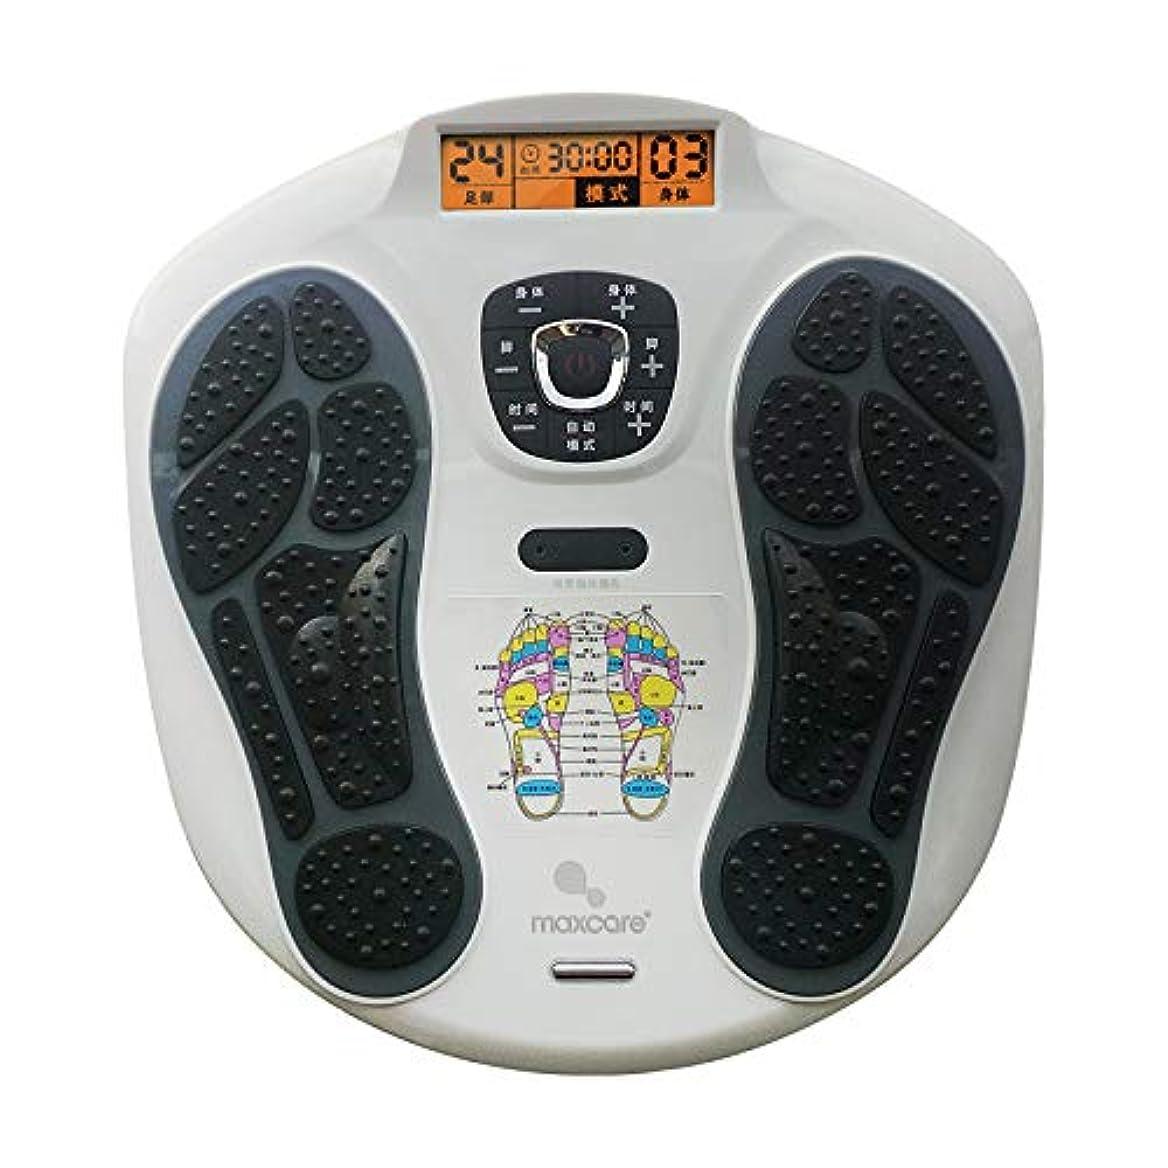 冒険ローン民兵電気の 足マッサージ、フルフットマッサージ体験のためのLEDディスプレイスクリーン、疲れて痛む足をリラックス 人間工学的デザイン